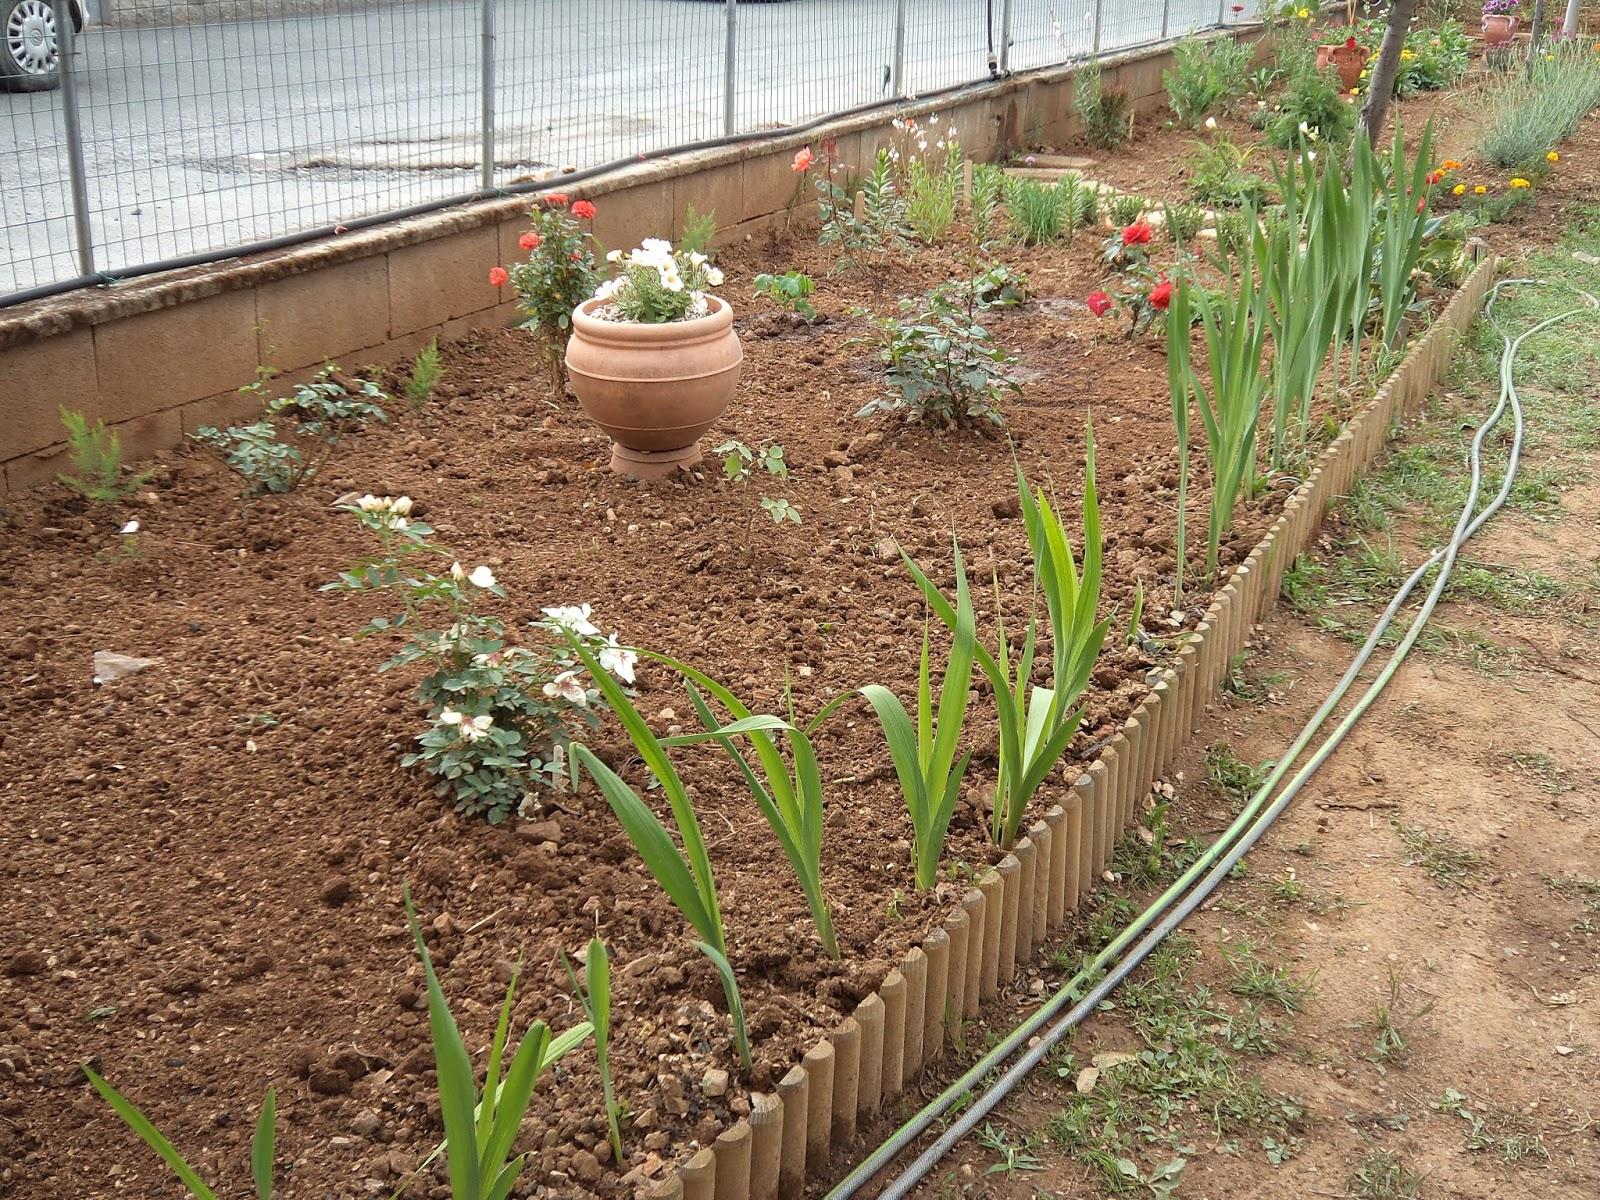 I giardini di carlo e letizia for Orto giardino